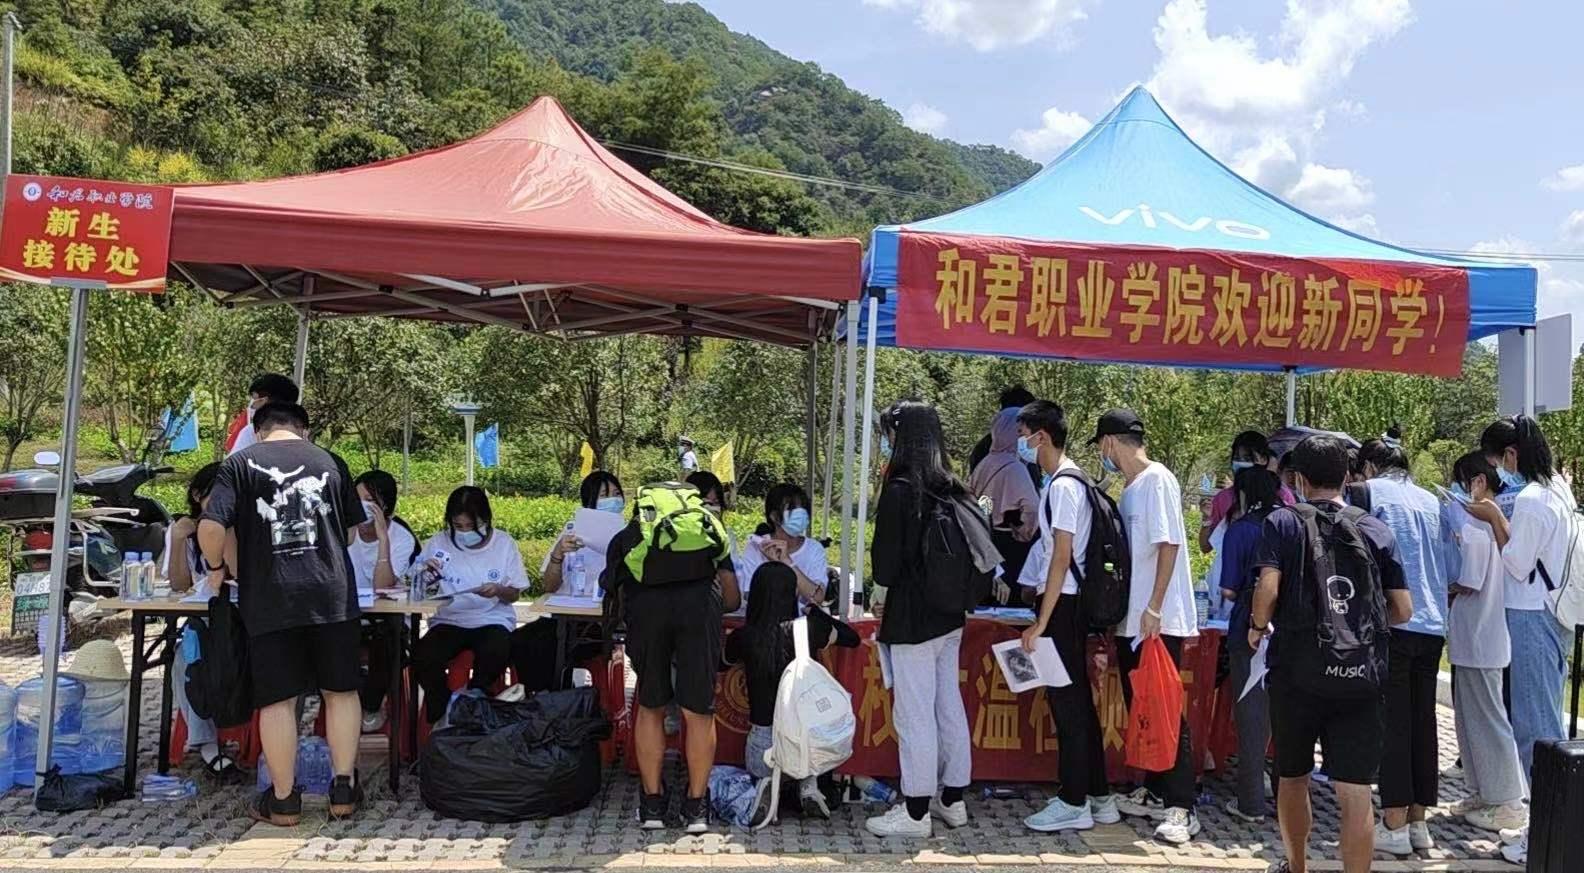 和君职业学院喜迎来自江西各地的400余名首届新生